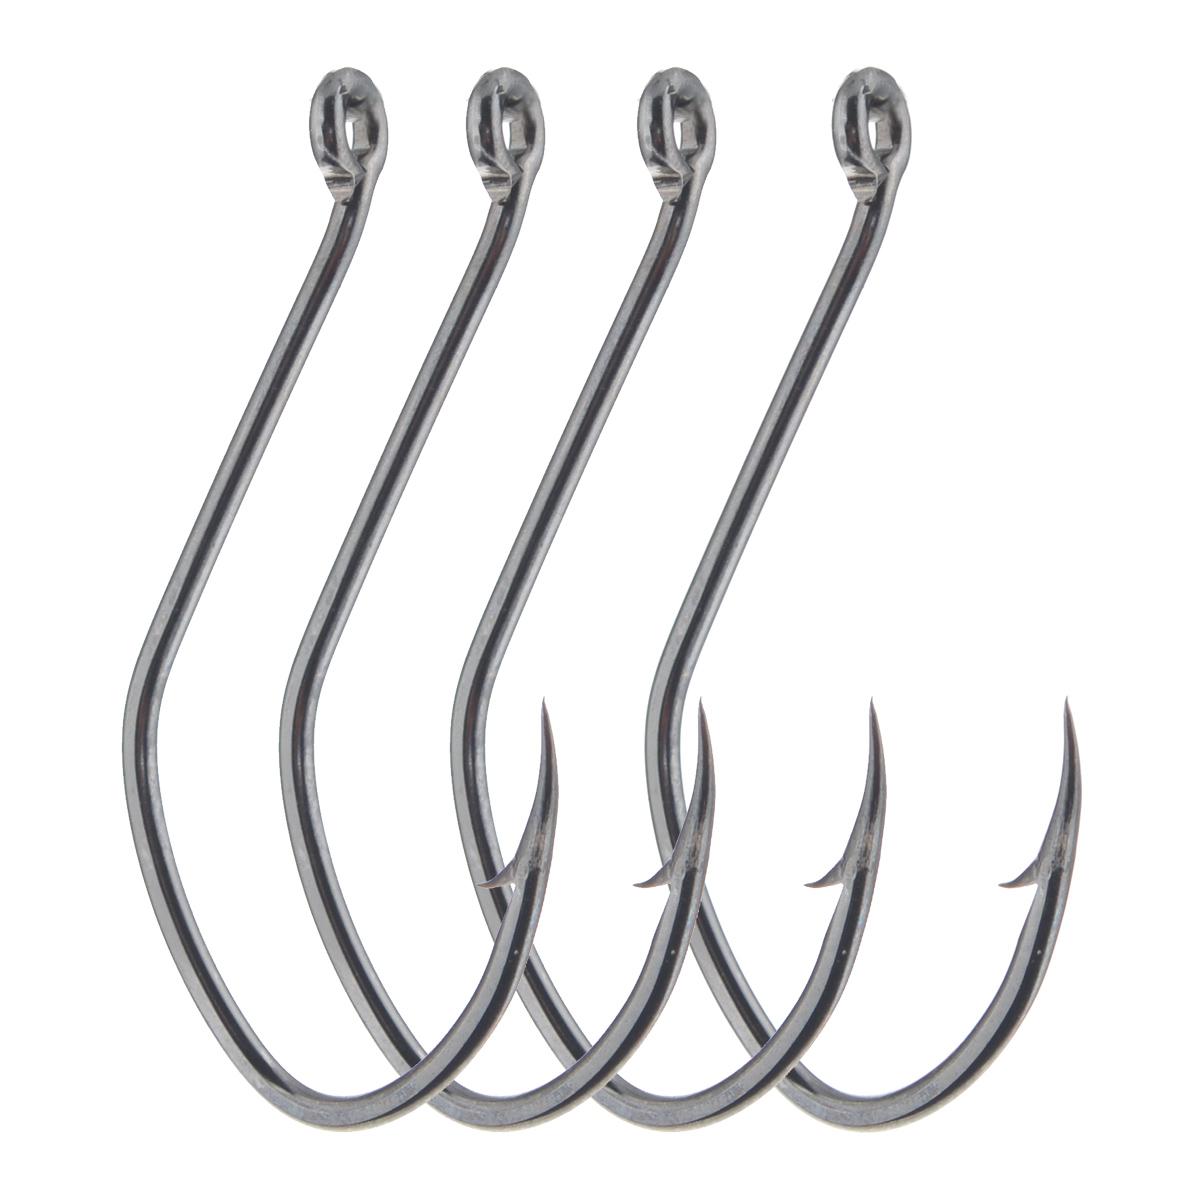 Крючки рыболовные Cobra Catfish, цвет: черный, размер 6/0, 4 шт крючки рыболовные cobra feeder master цвет черный размер 10 10 шт